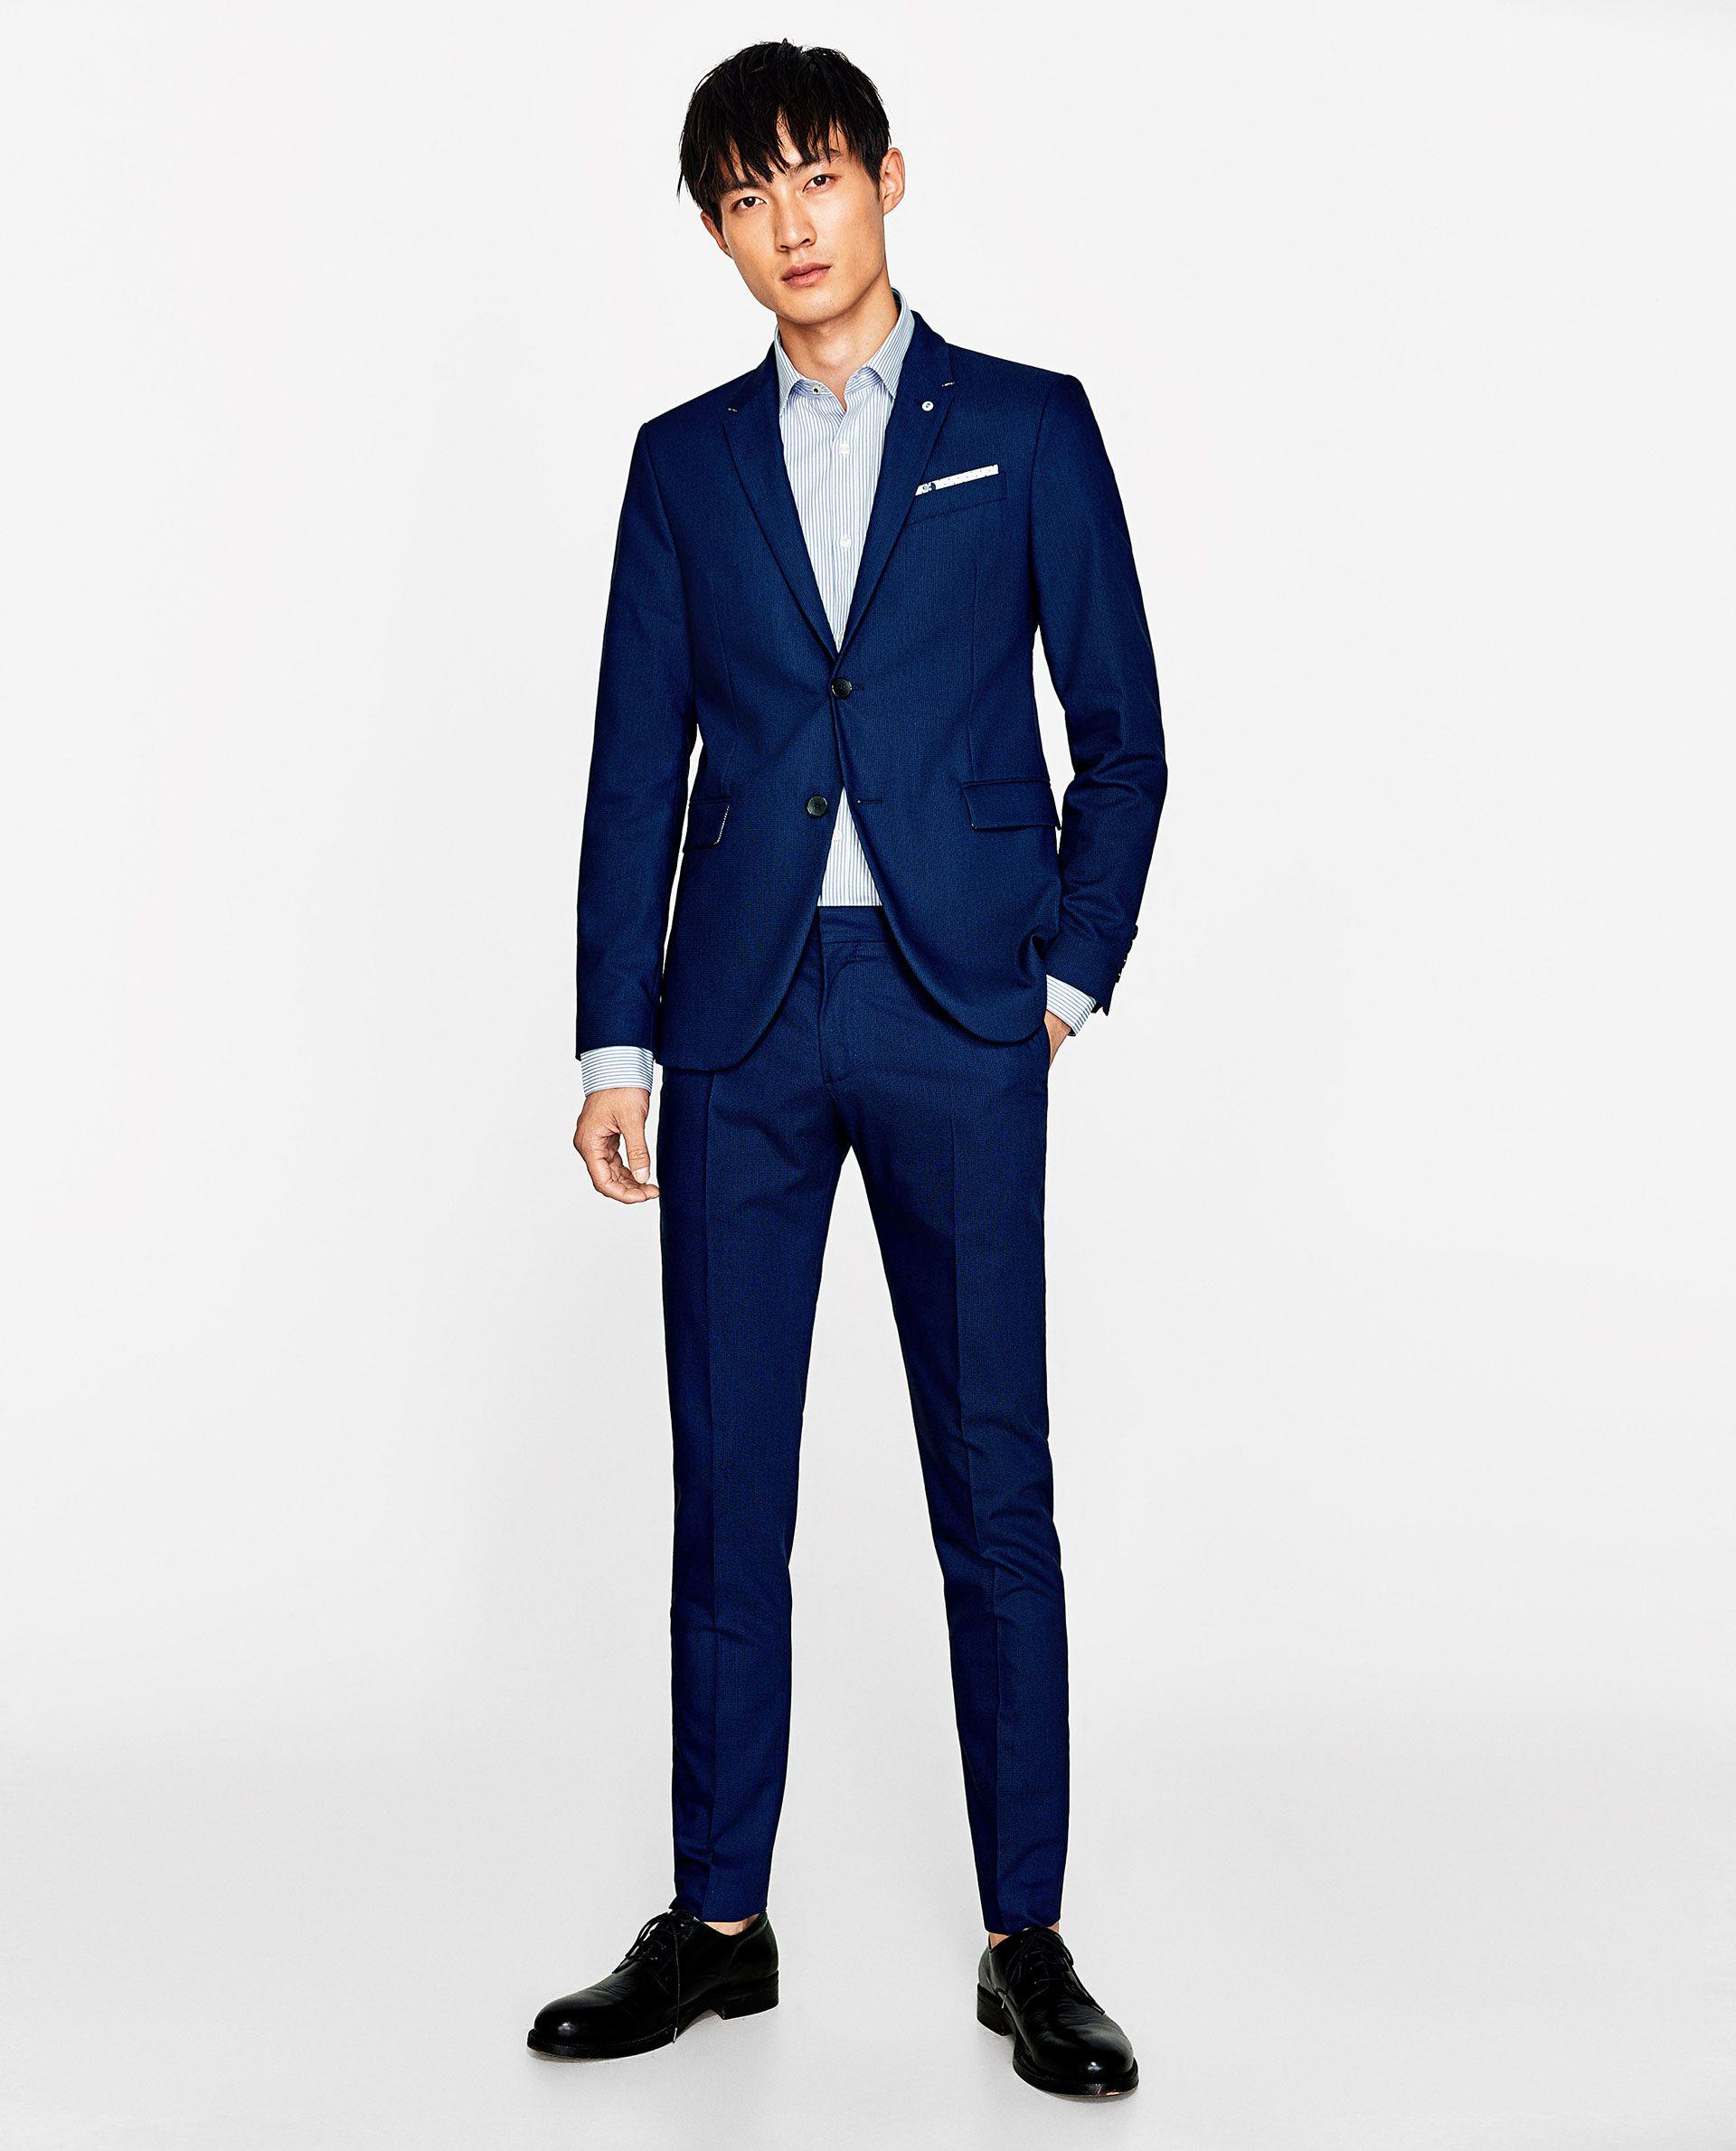 Vestiti Cerimonia Zara Uomo.Immagine 1 Di Abito Blu Tinto Di Zara Abiti Blu Abiti Uomo Abiti